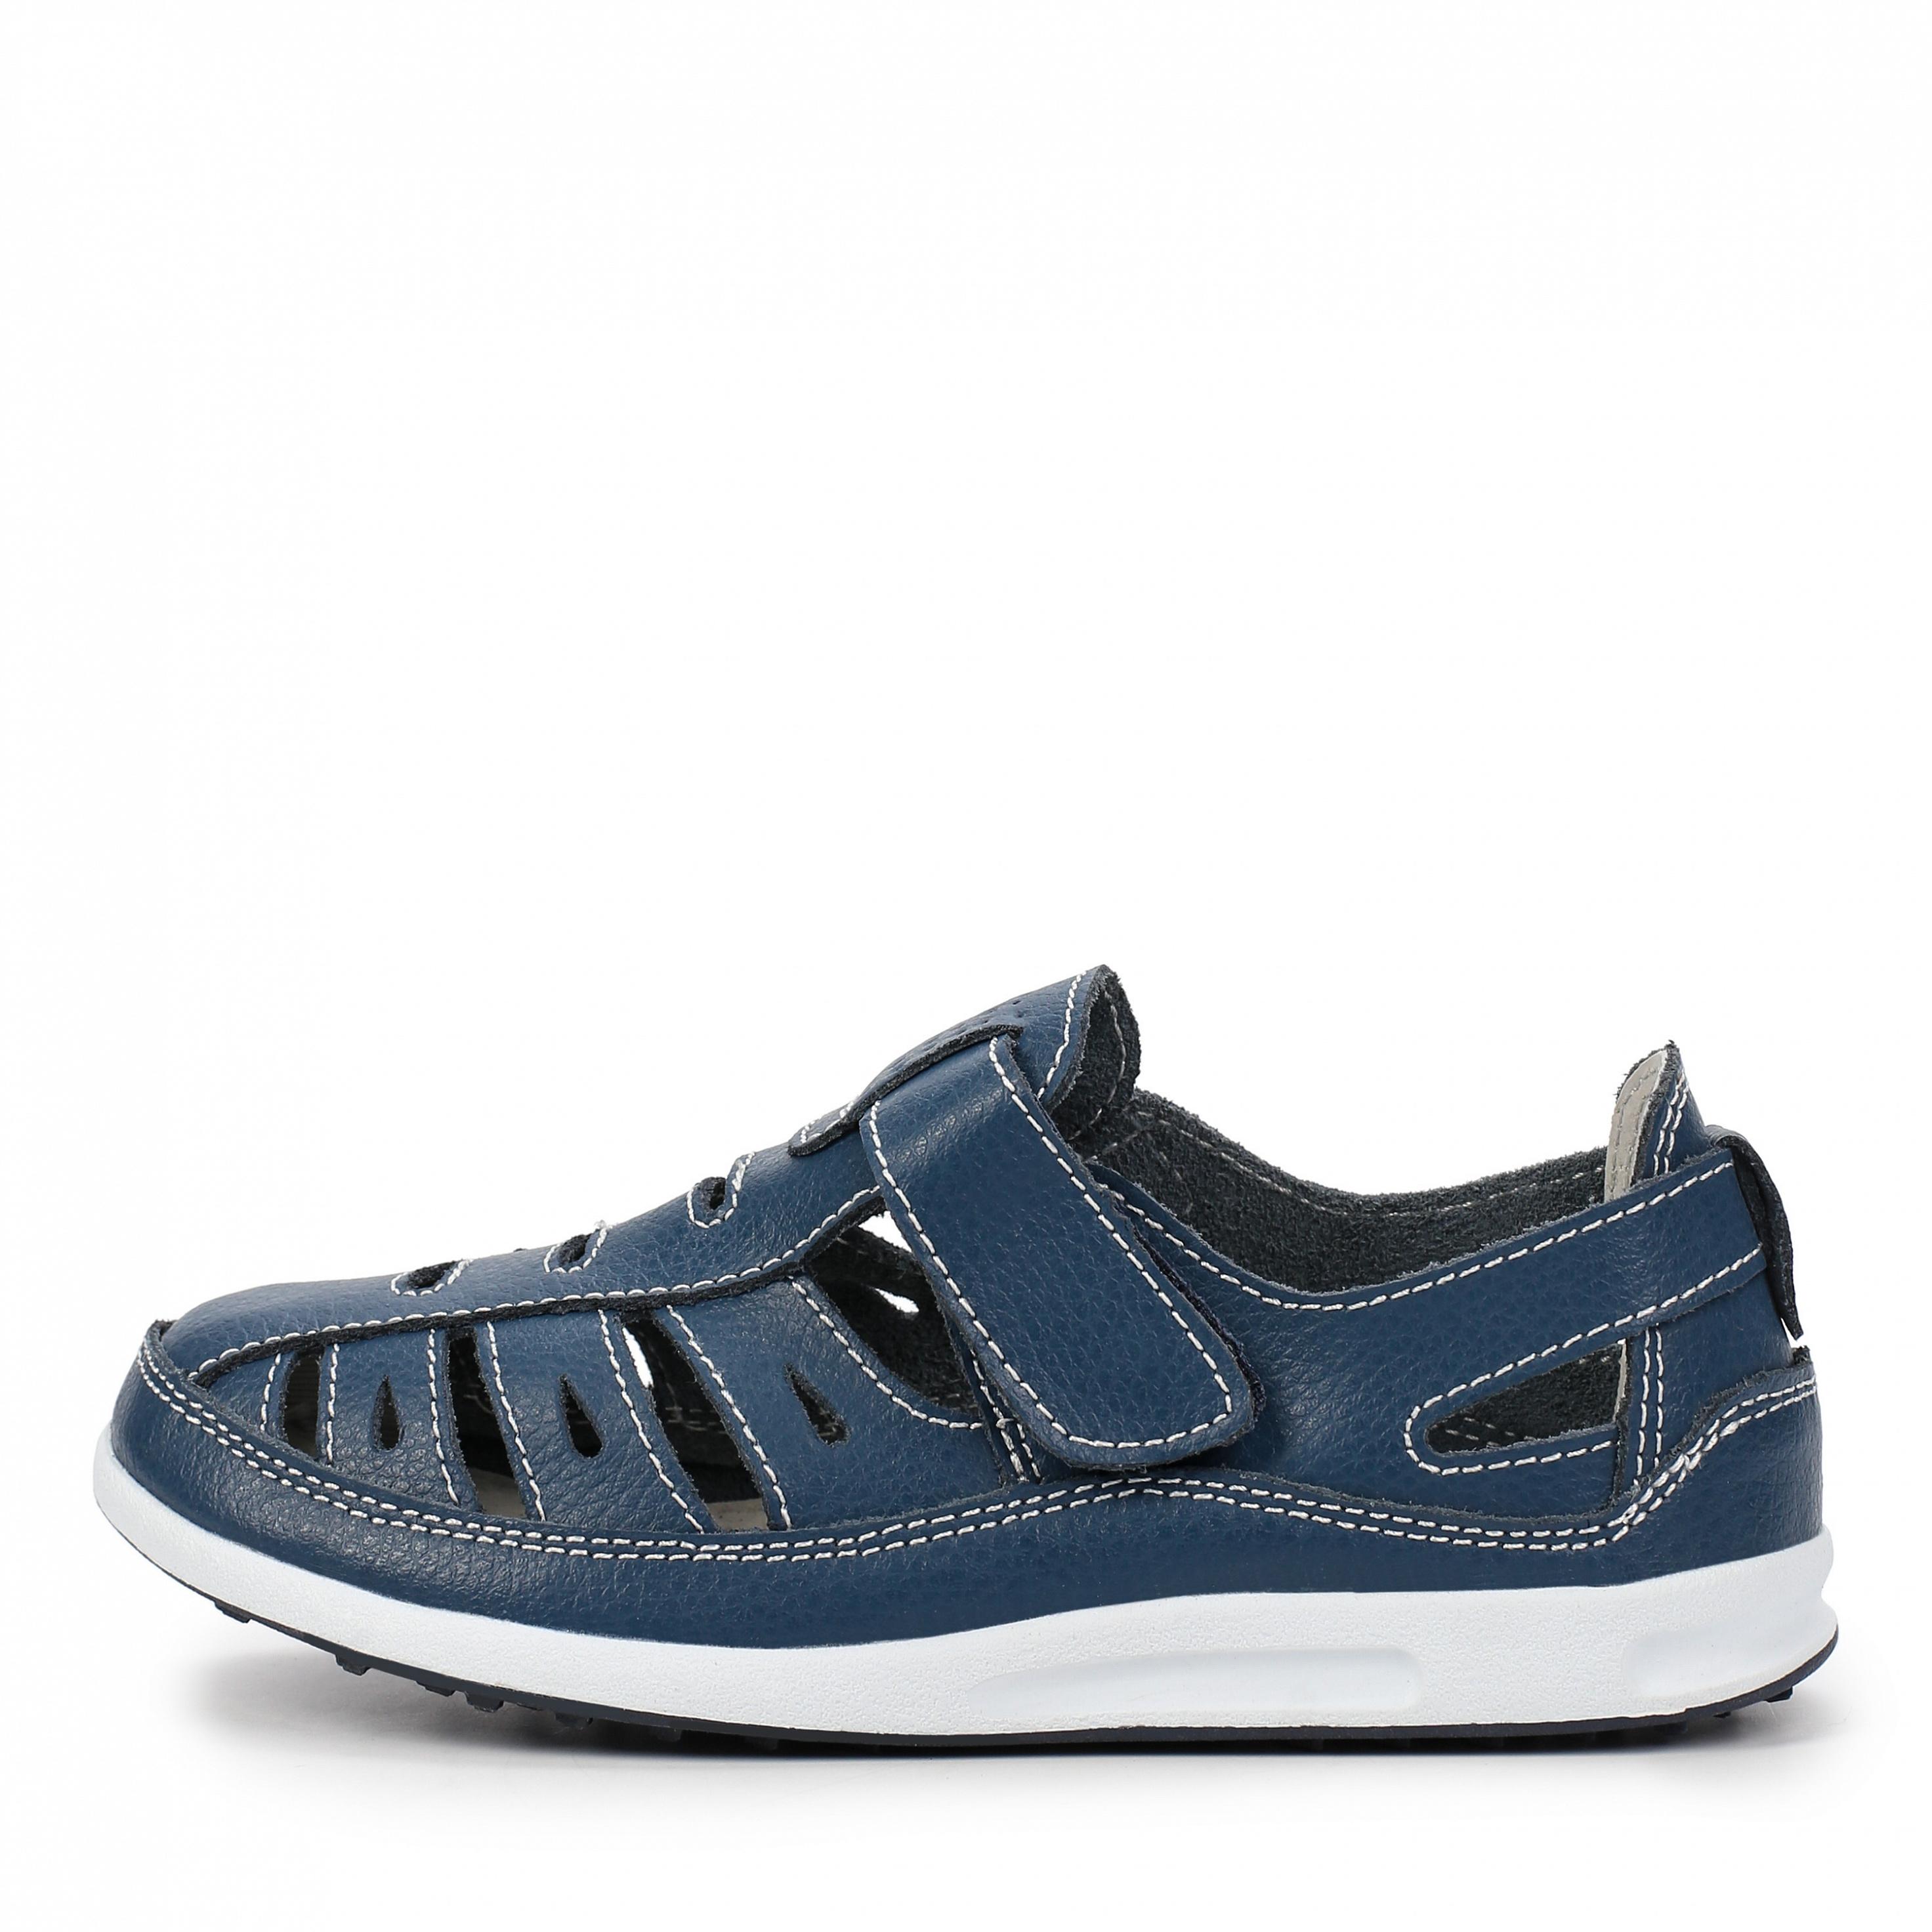 Купить 40-33BG-002Z1, Туфли для мальчиков ZENDEN, цв. синий, р-р 35,